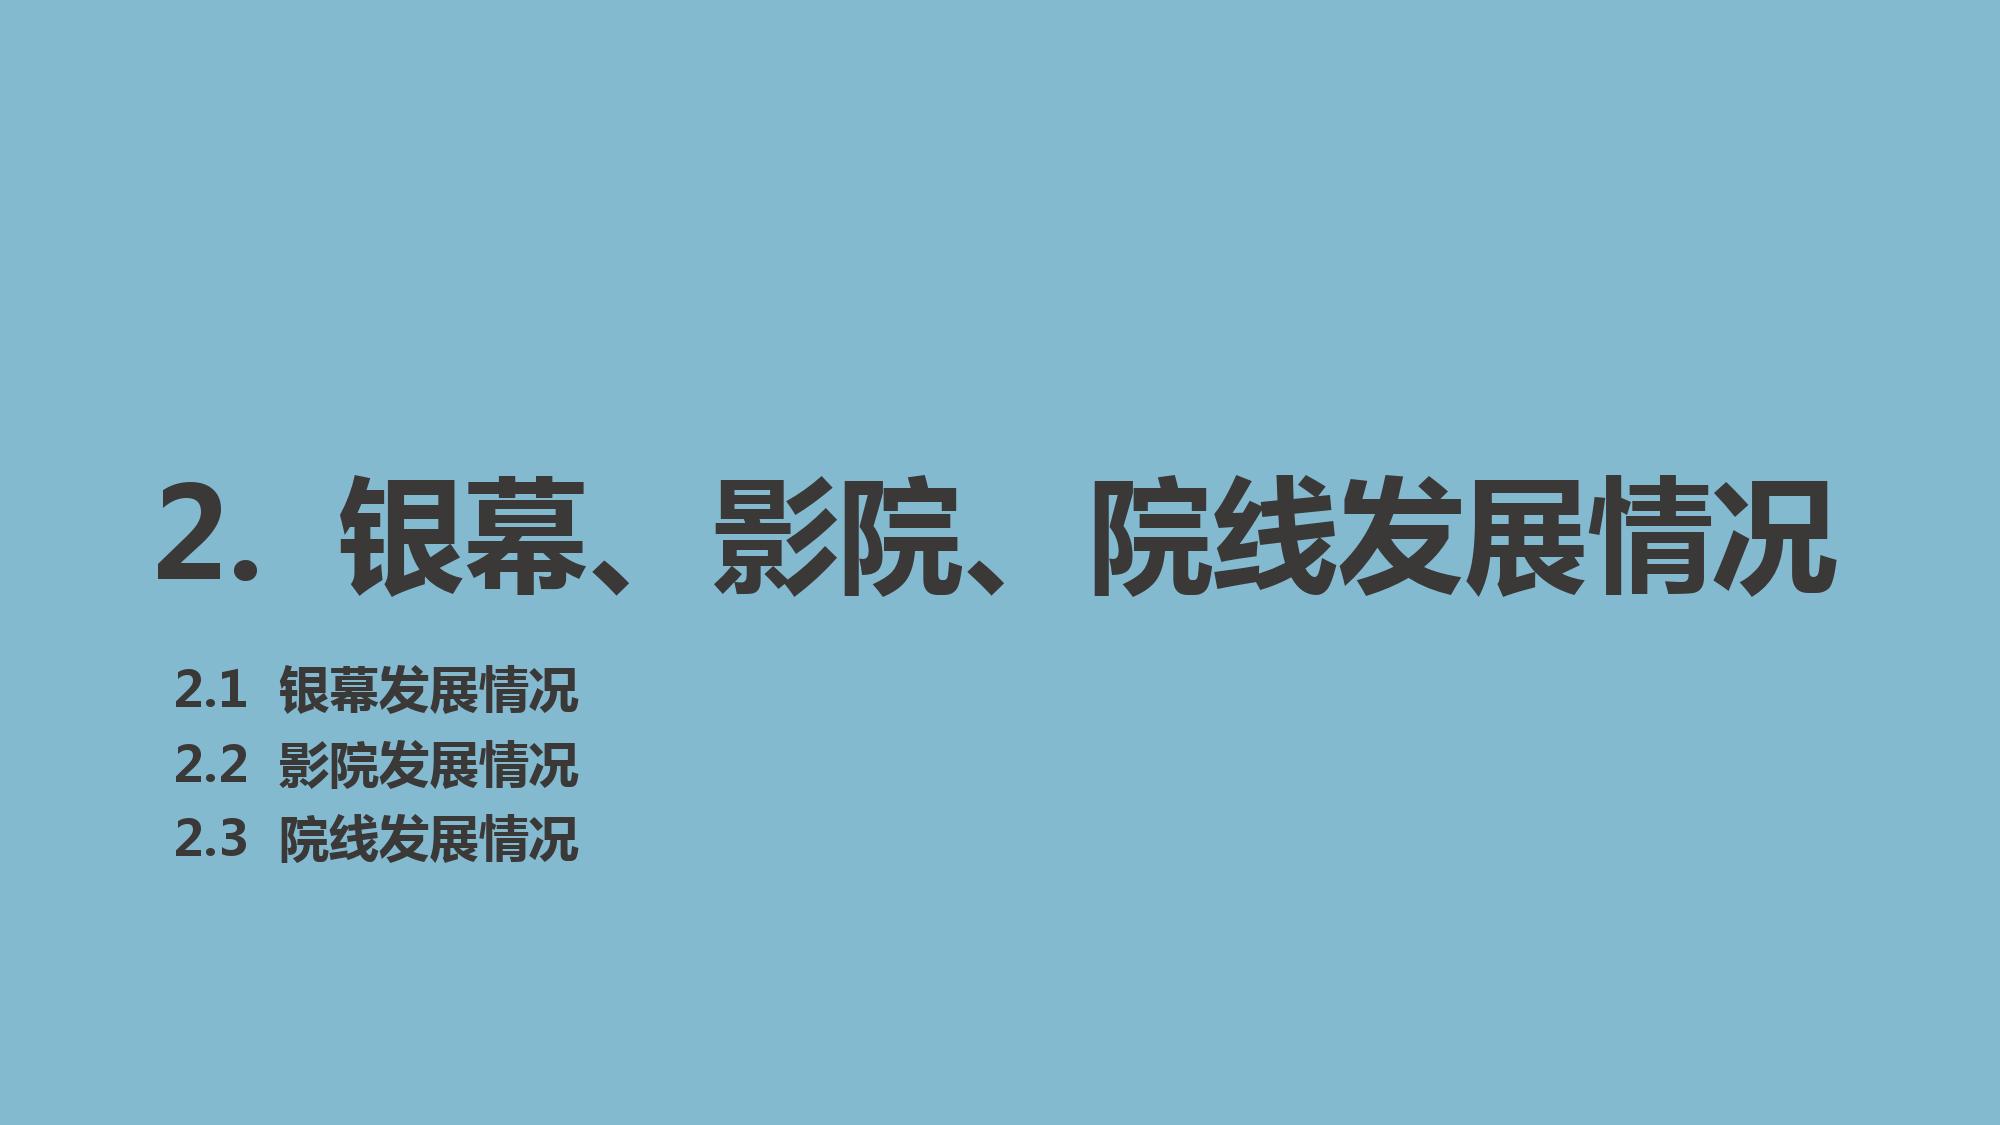 2015年度中国电影产业报告_000025